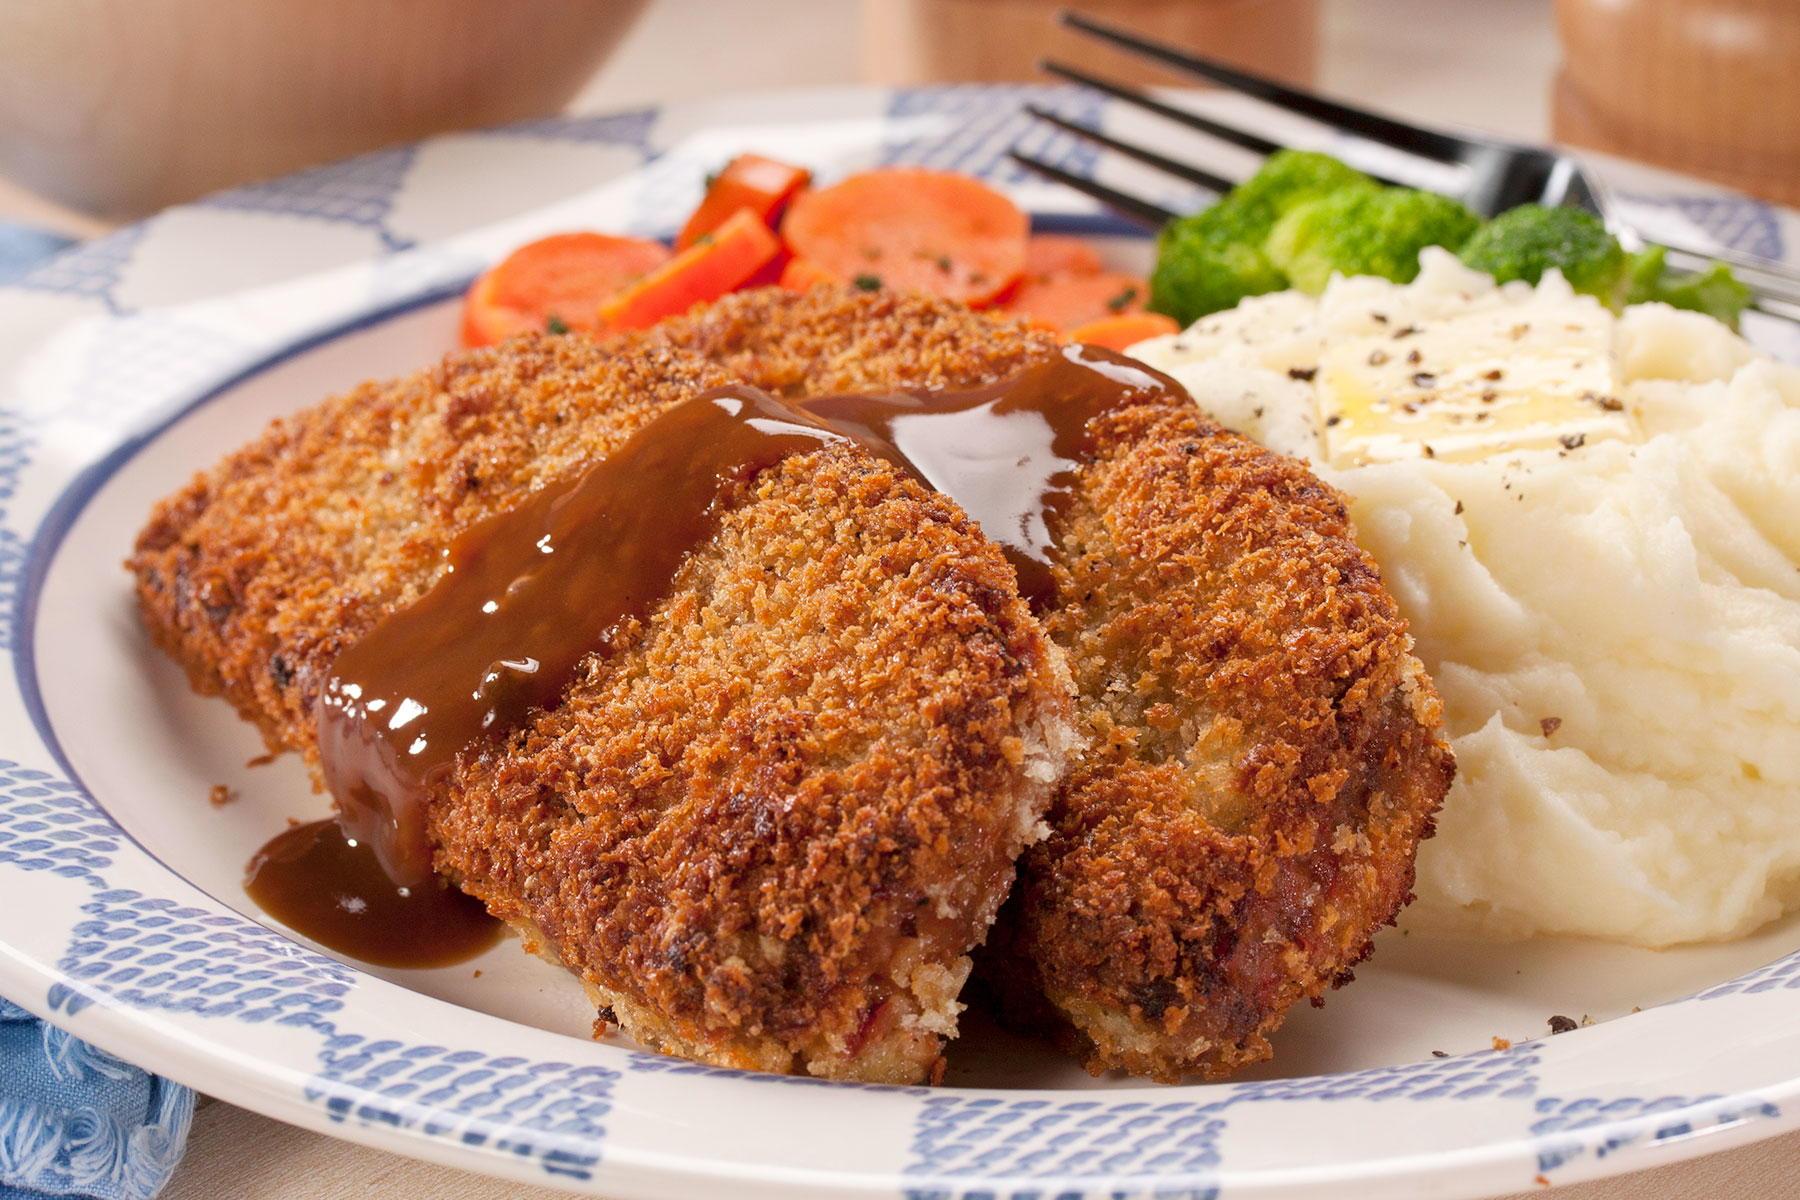 Crispy Fried Meatloaf Mrfood Com